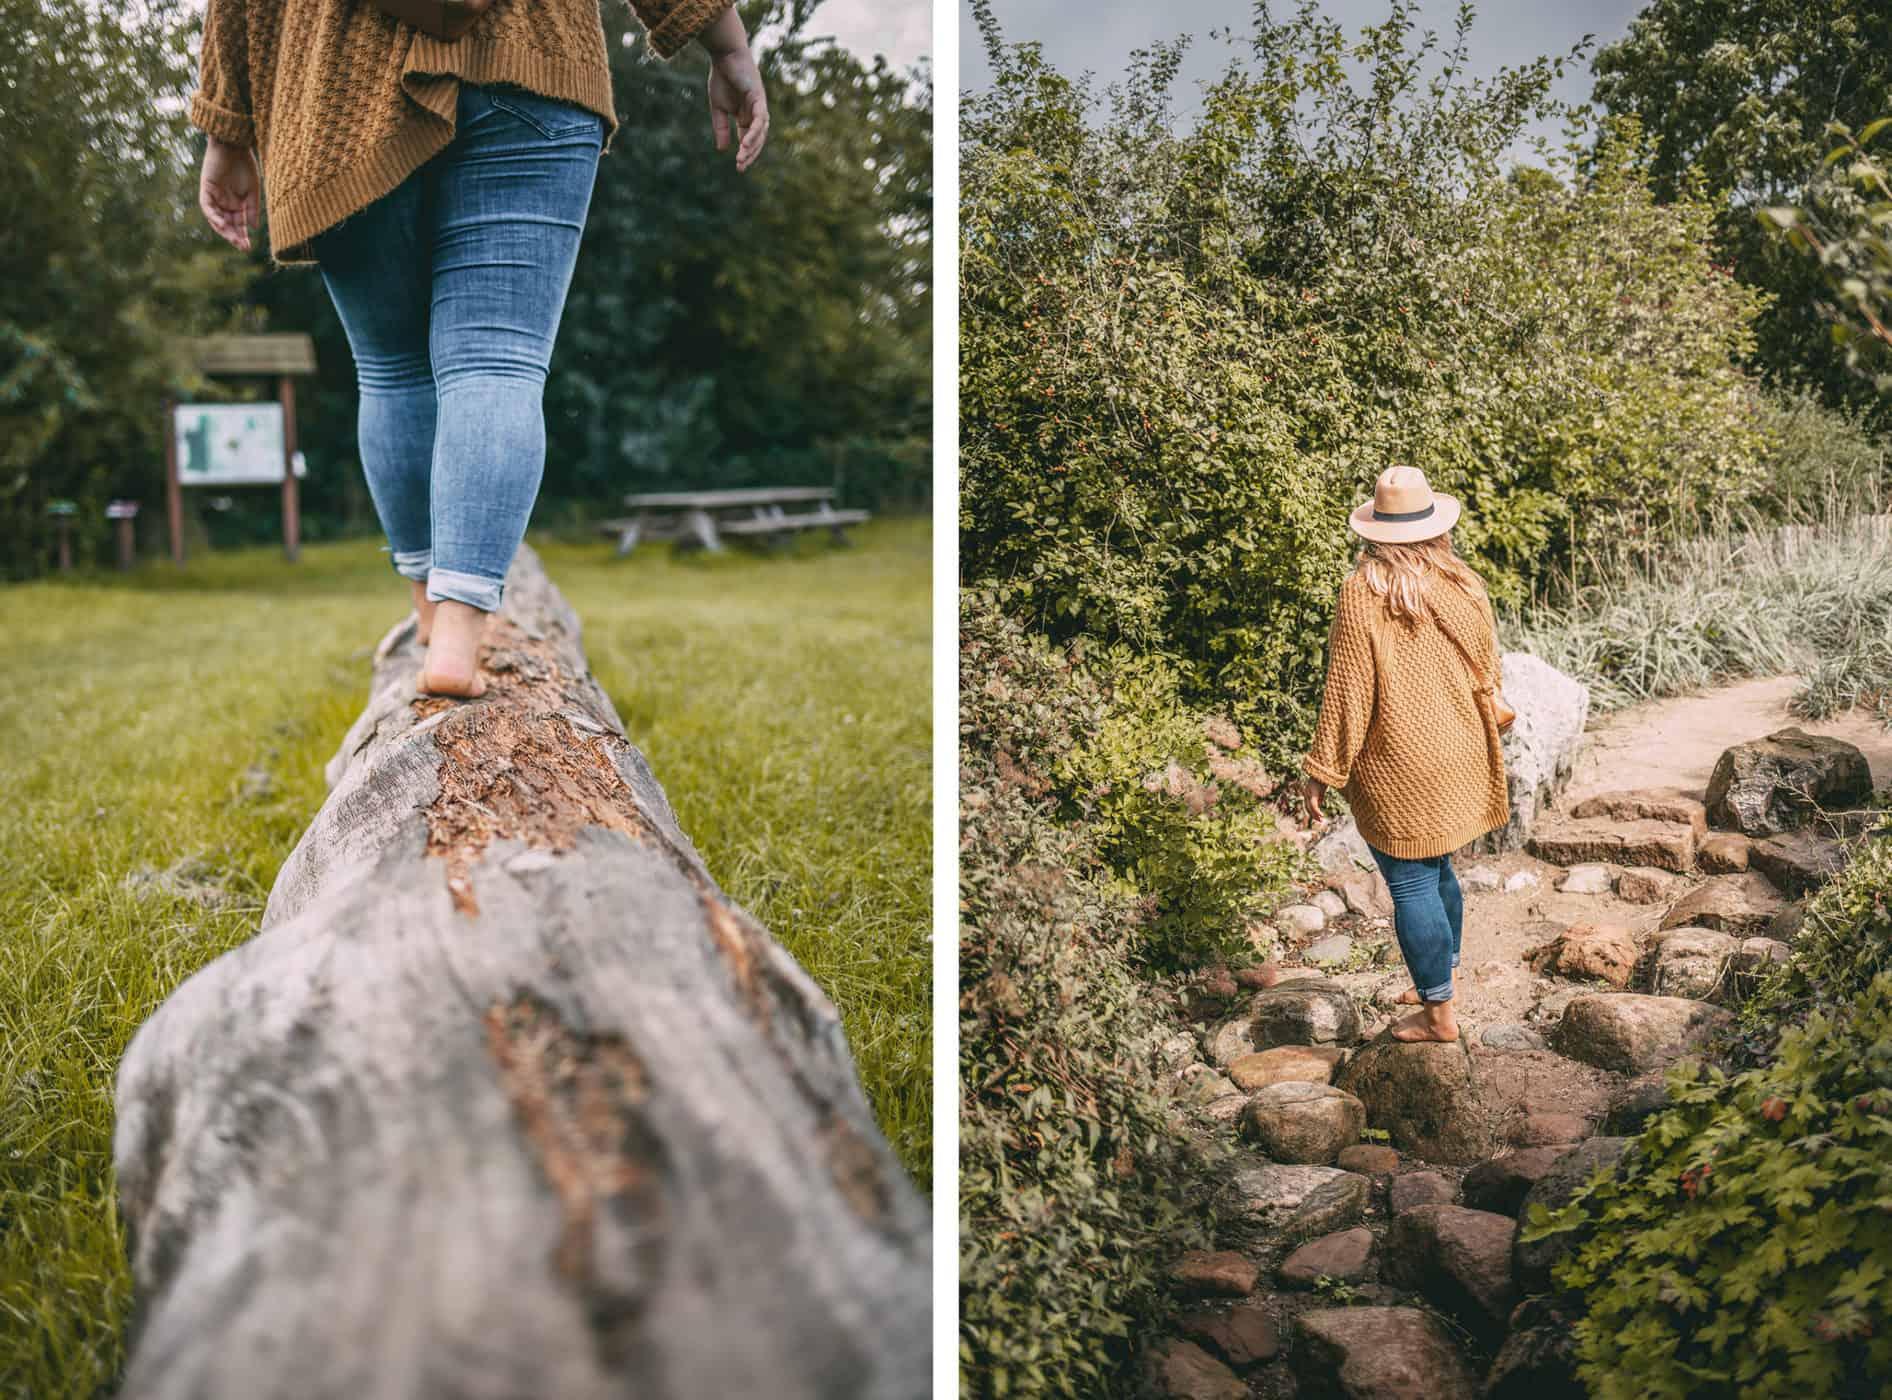 Herbst an der Schlei Tipps Herbstferien Schleswig-Holstein: Barfußpark